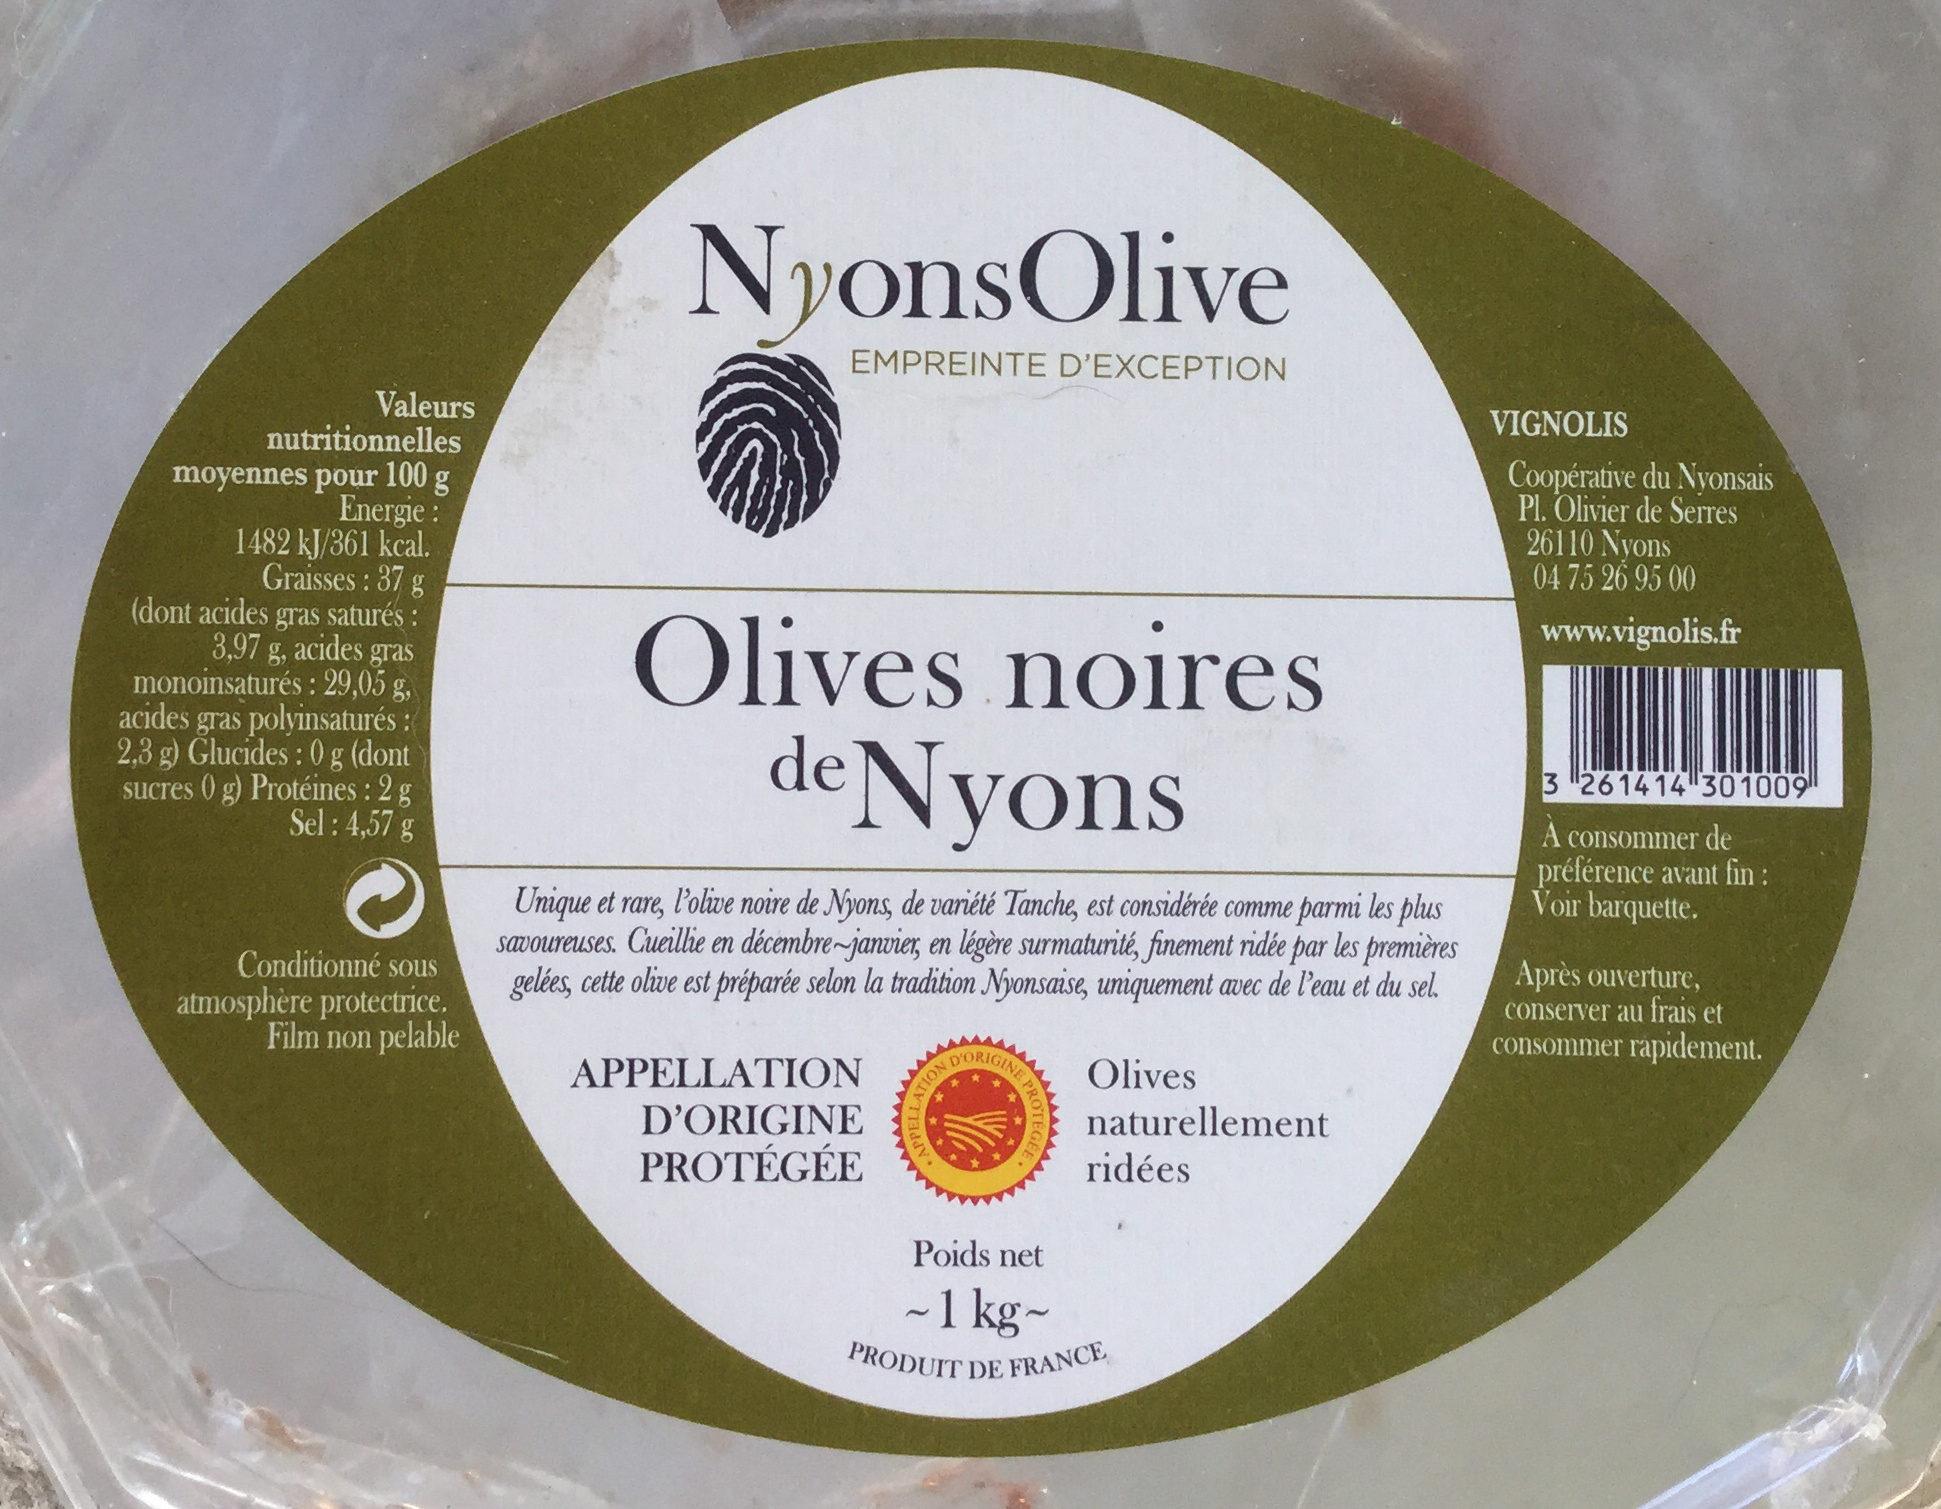 Olives noires de Nyons - Produit - fr